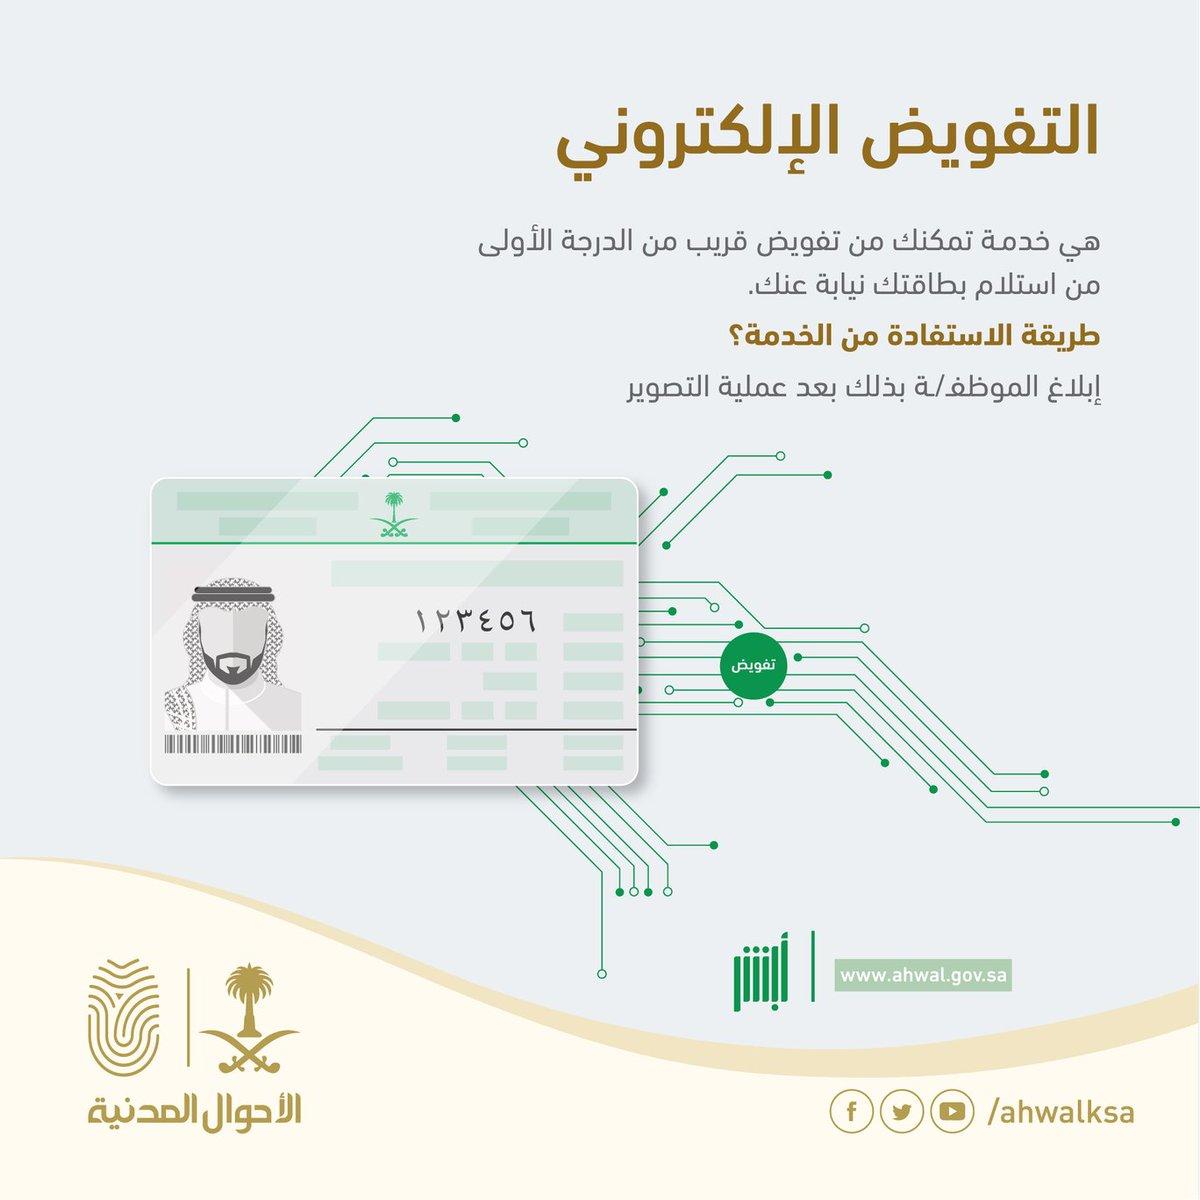 الأحوال المدنية On Twitter تستطيع تفويض قريب من الدرجة الأولى لاستلام بطاقتك نيابة عنك عبر خدمة التفويض الإلكتروني